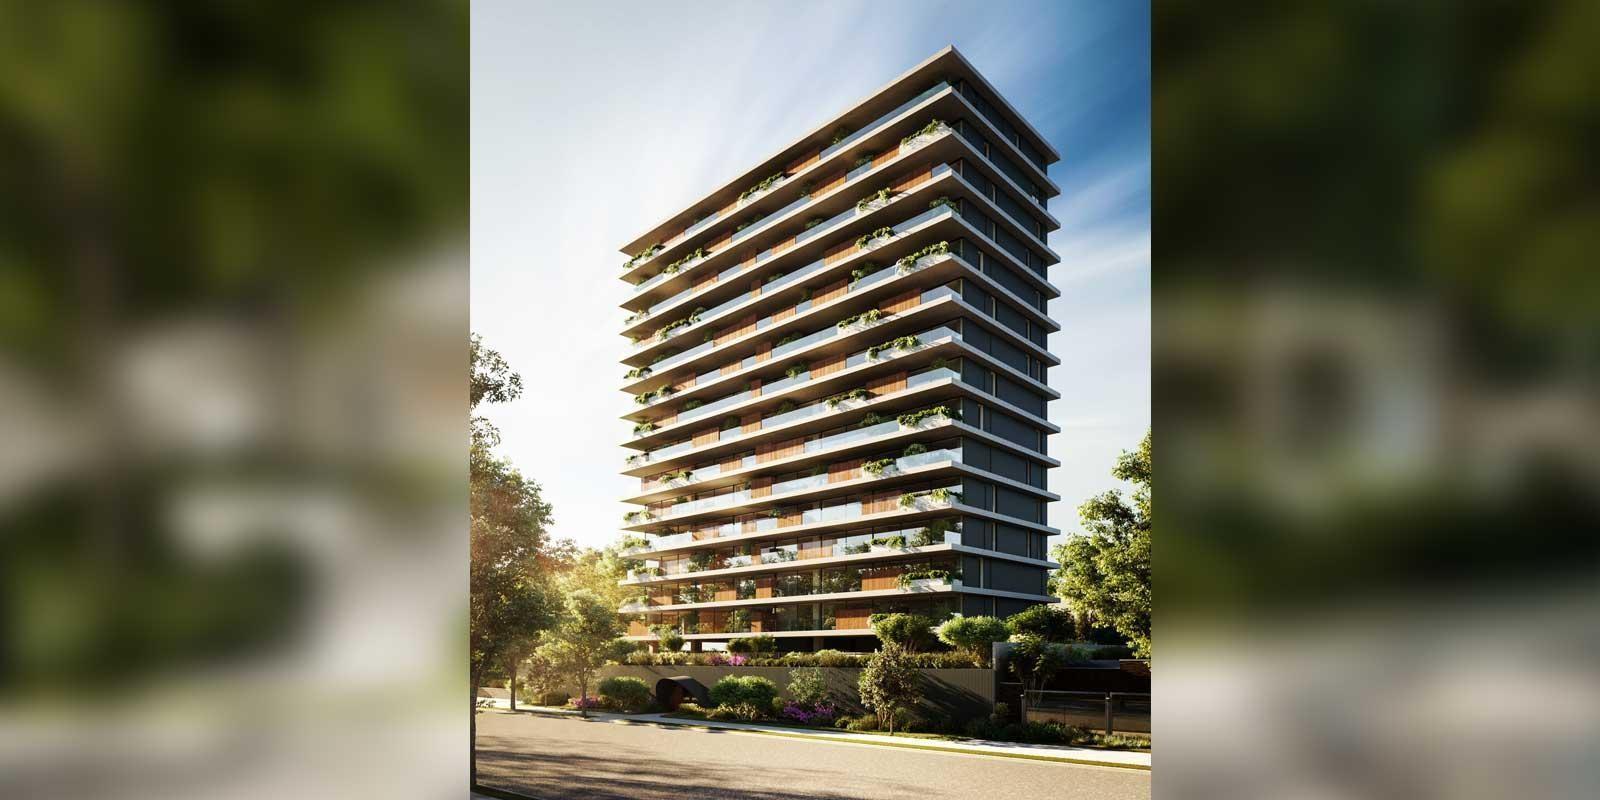 TPS Imóveis - Veja Foto 2 de 20 do Apartamento com 3 dormitórios no Bairro Bela Vista, Porto Alegre